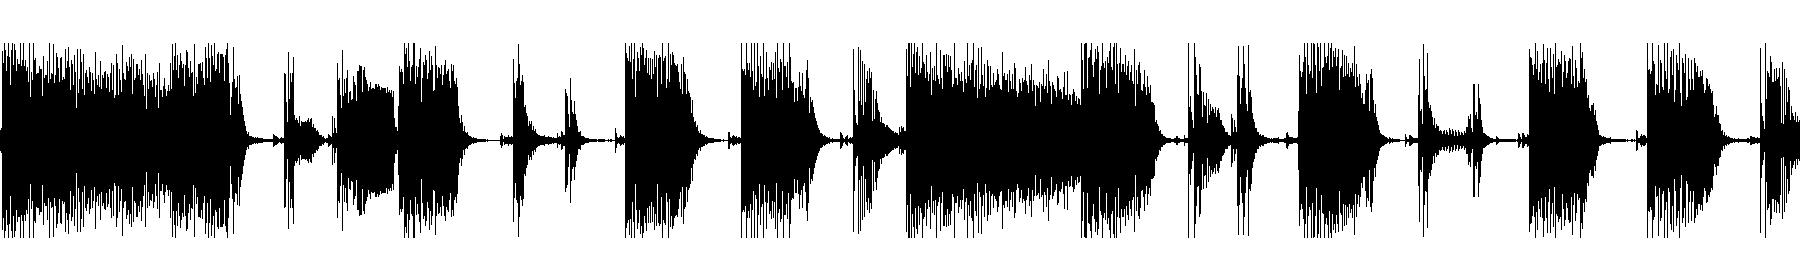 guitar118b 01